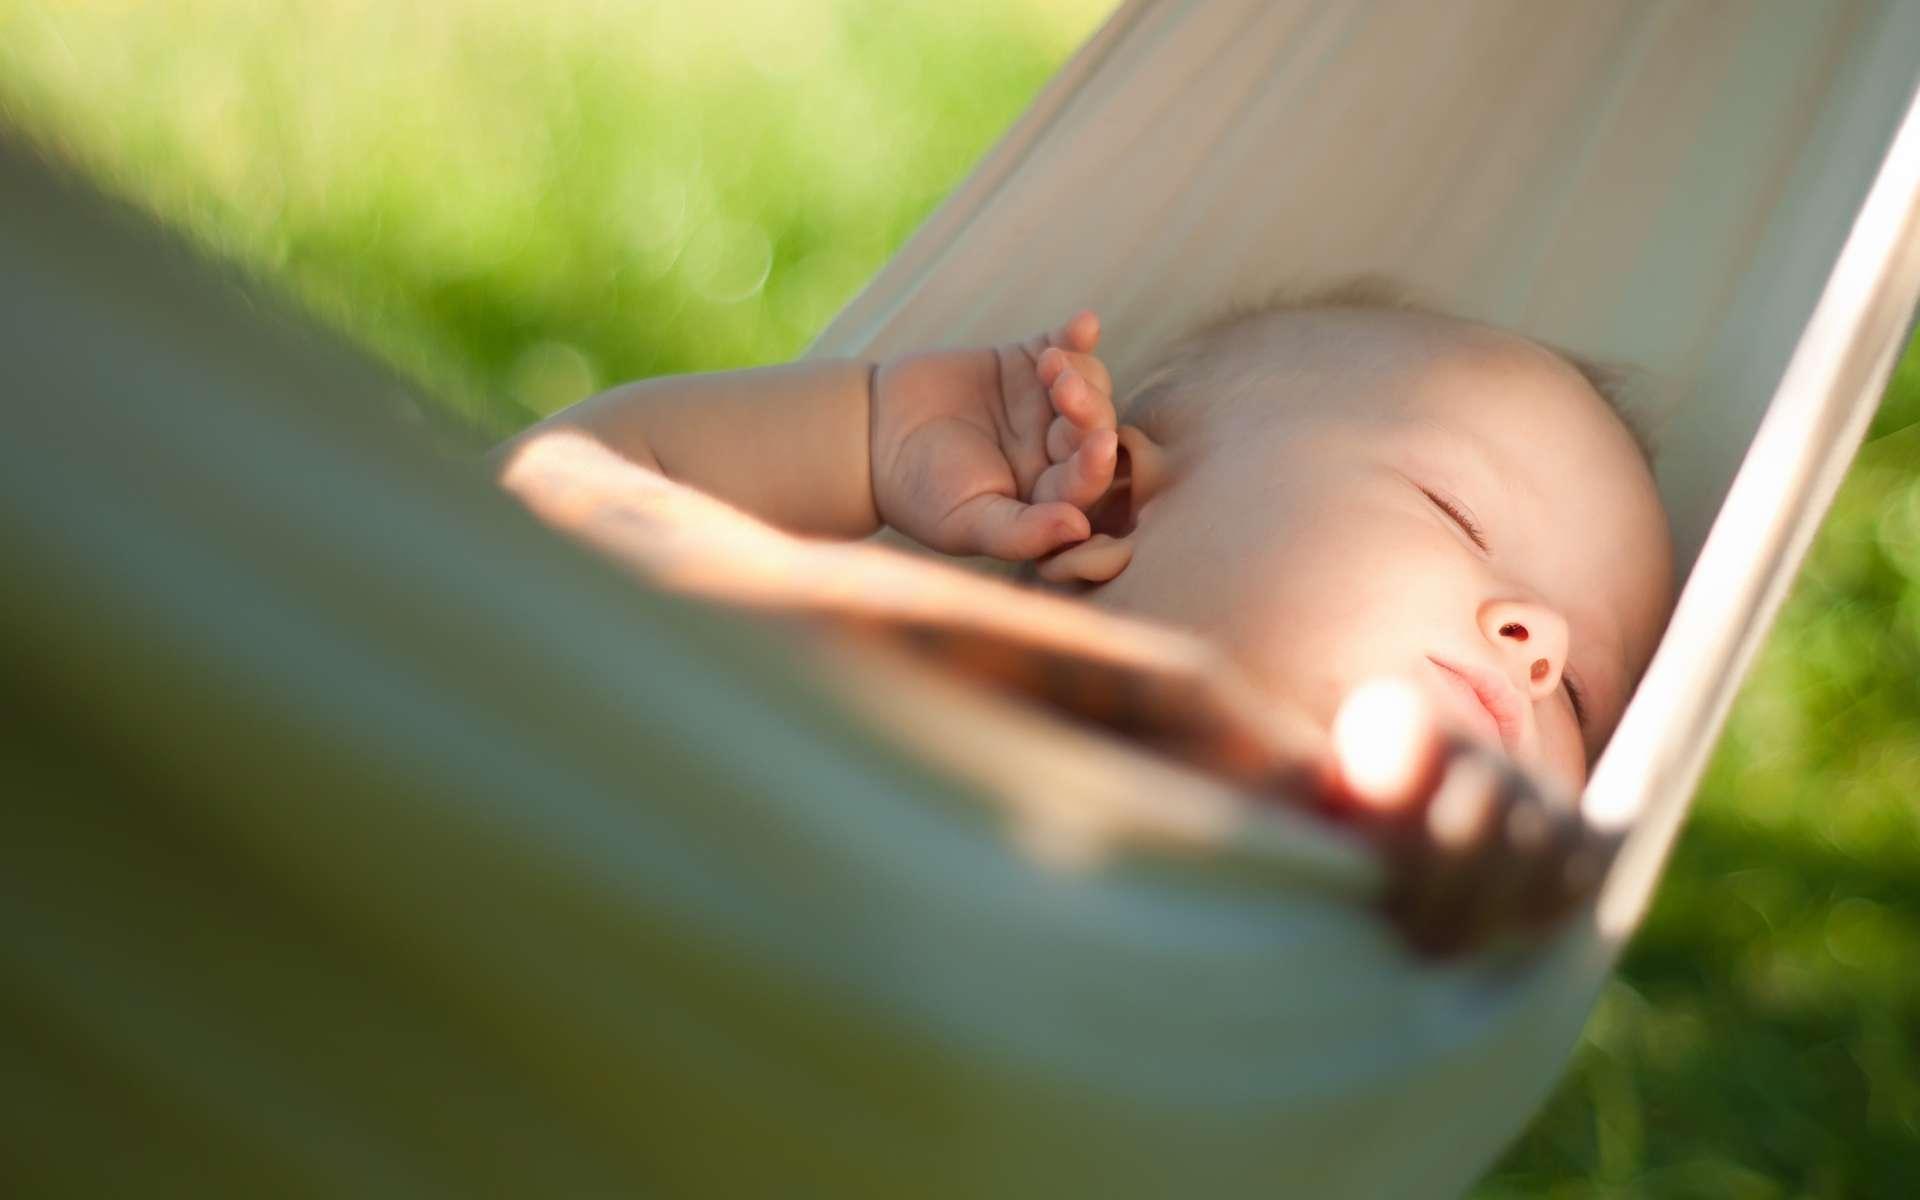 Un bébé dormant dans un hamac un après midi d'été © Adobe stock/Joshhh